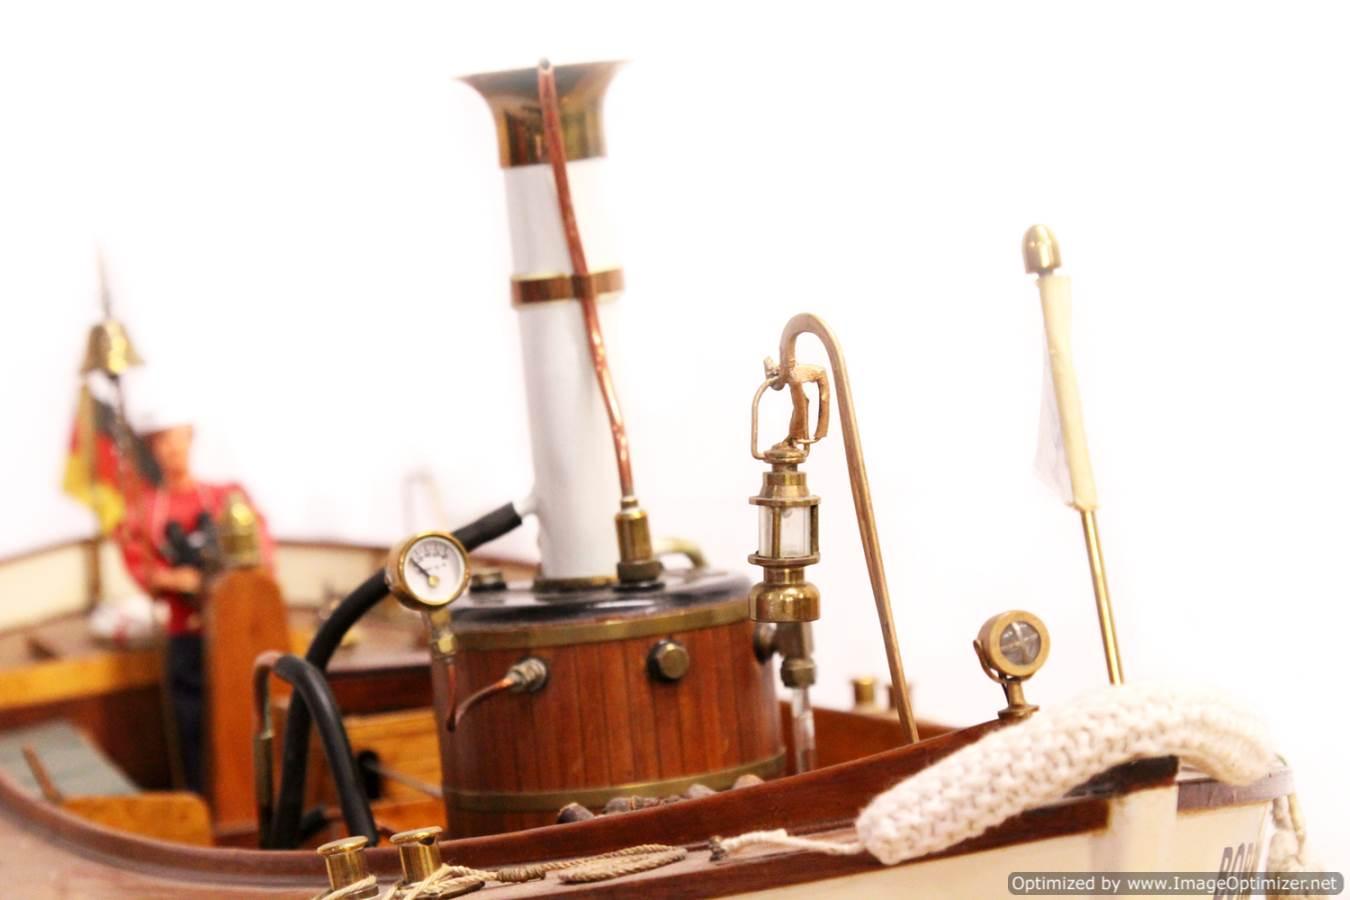 test bockrum-cheddar-steam-boat-live-steam-model-for-sale-06-optimized